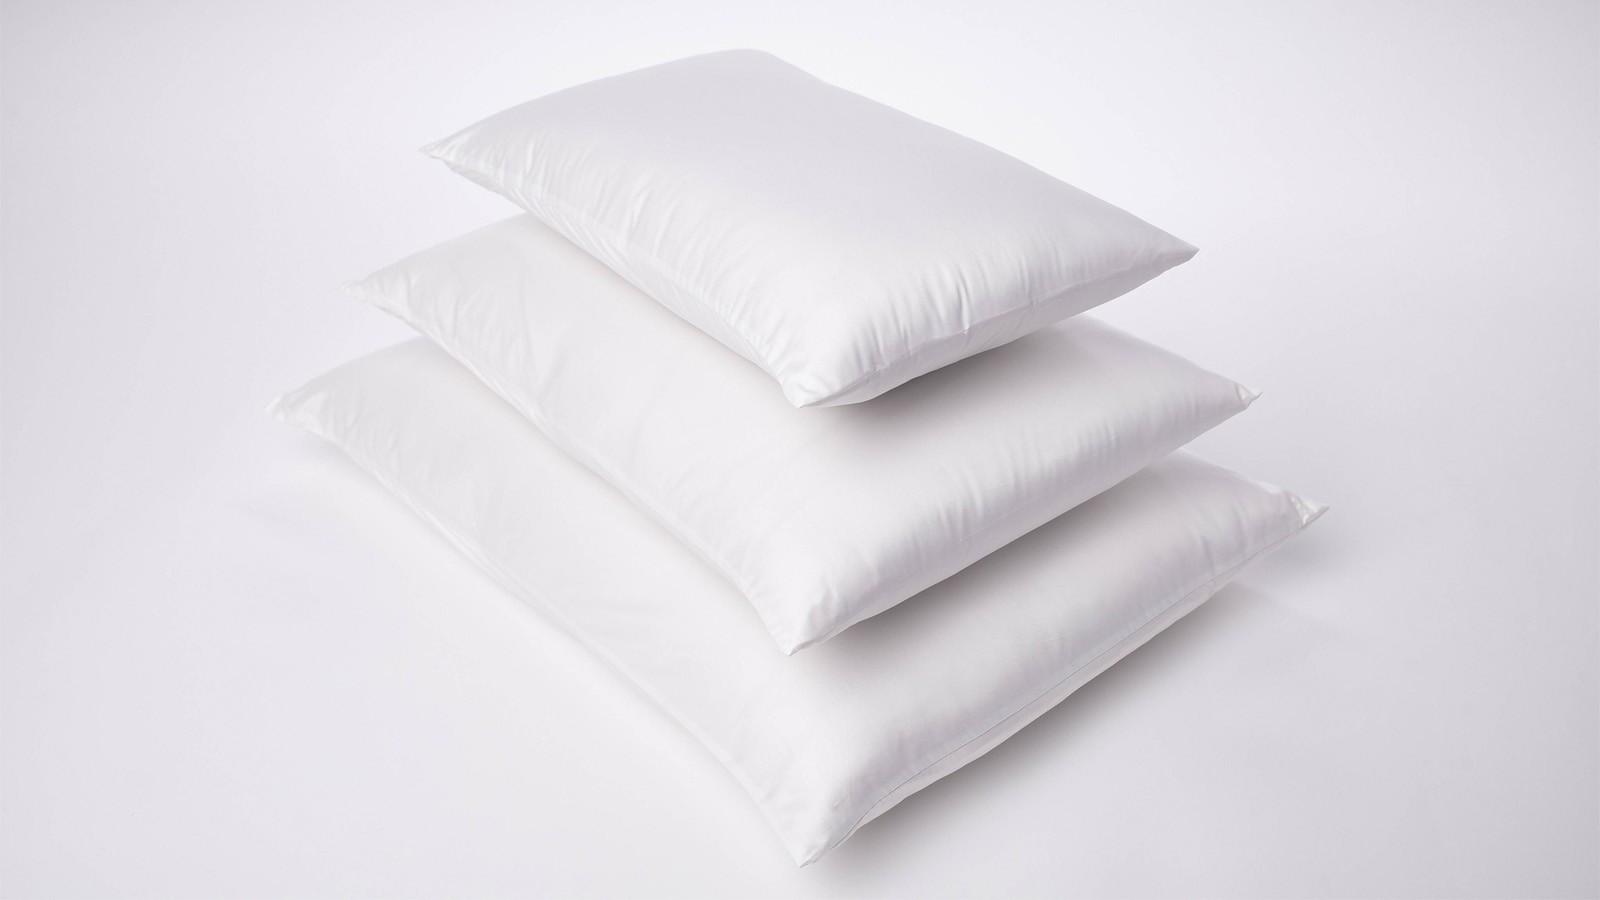 Esplora l'ampia selezione di copriletti maisons du monde in una varietà di tessuti e colori. Cotton Pillow